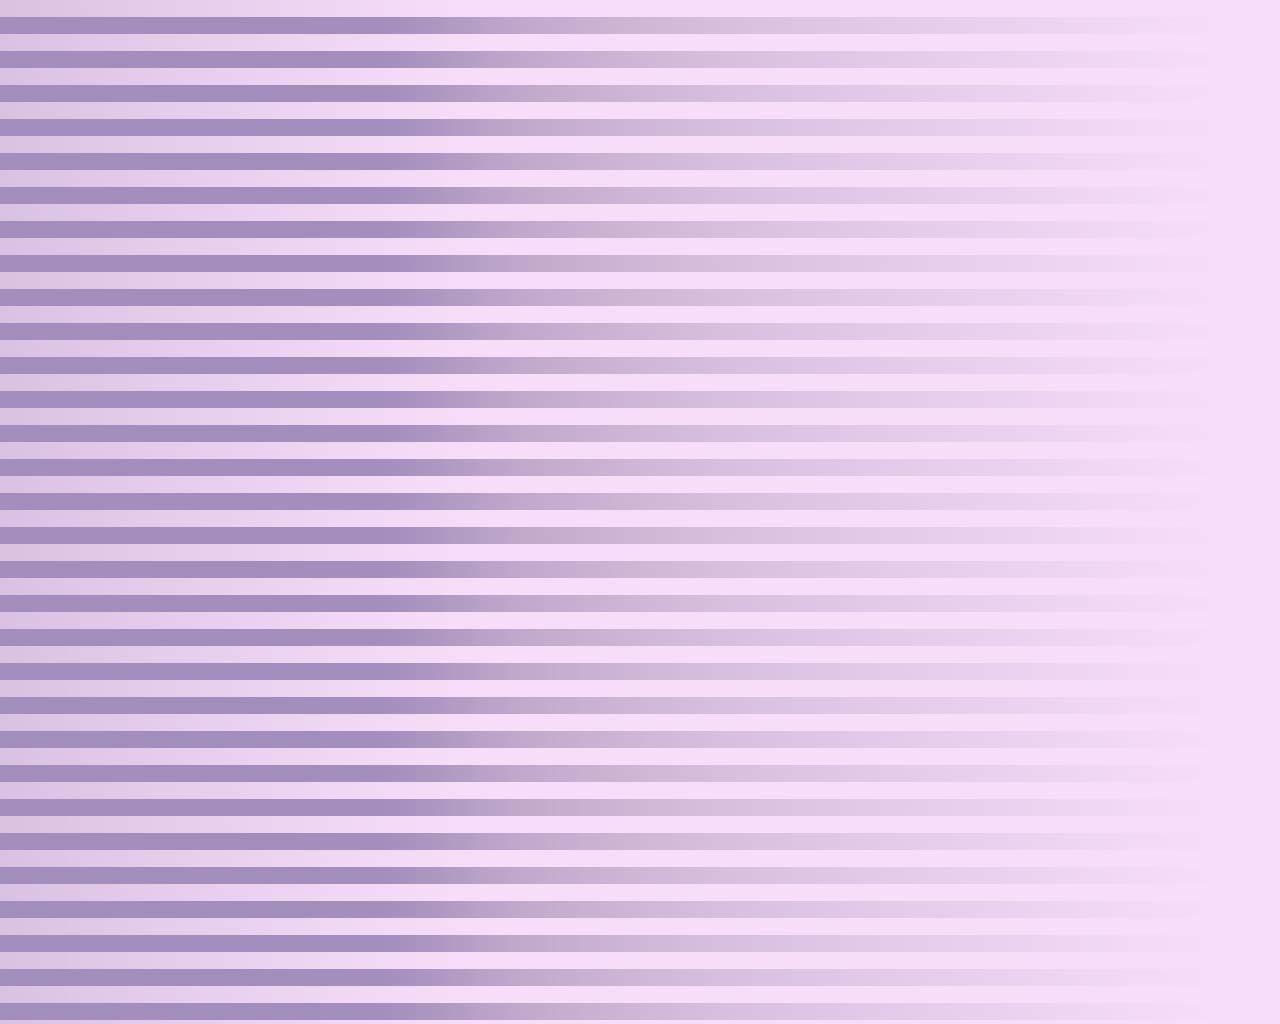 Stripe Pattern Wallpaper - Pastel Colour Stripe Part 1